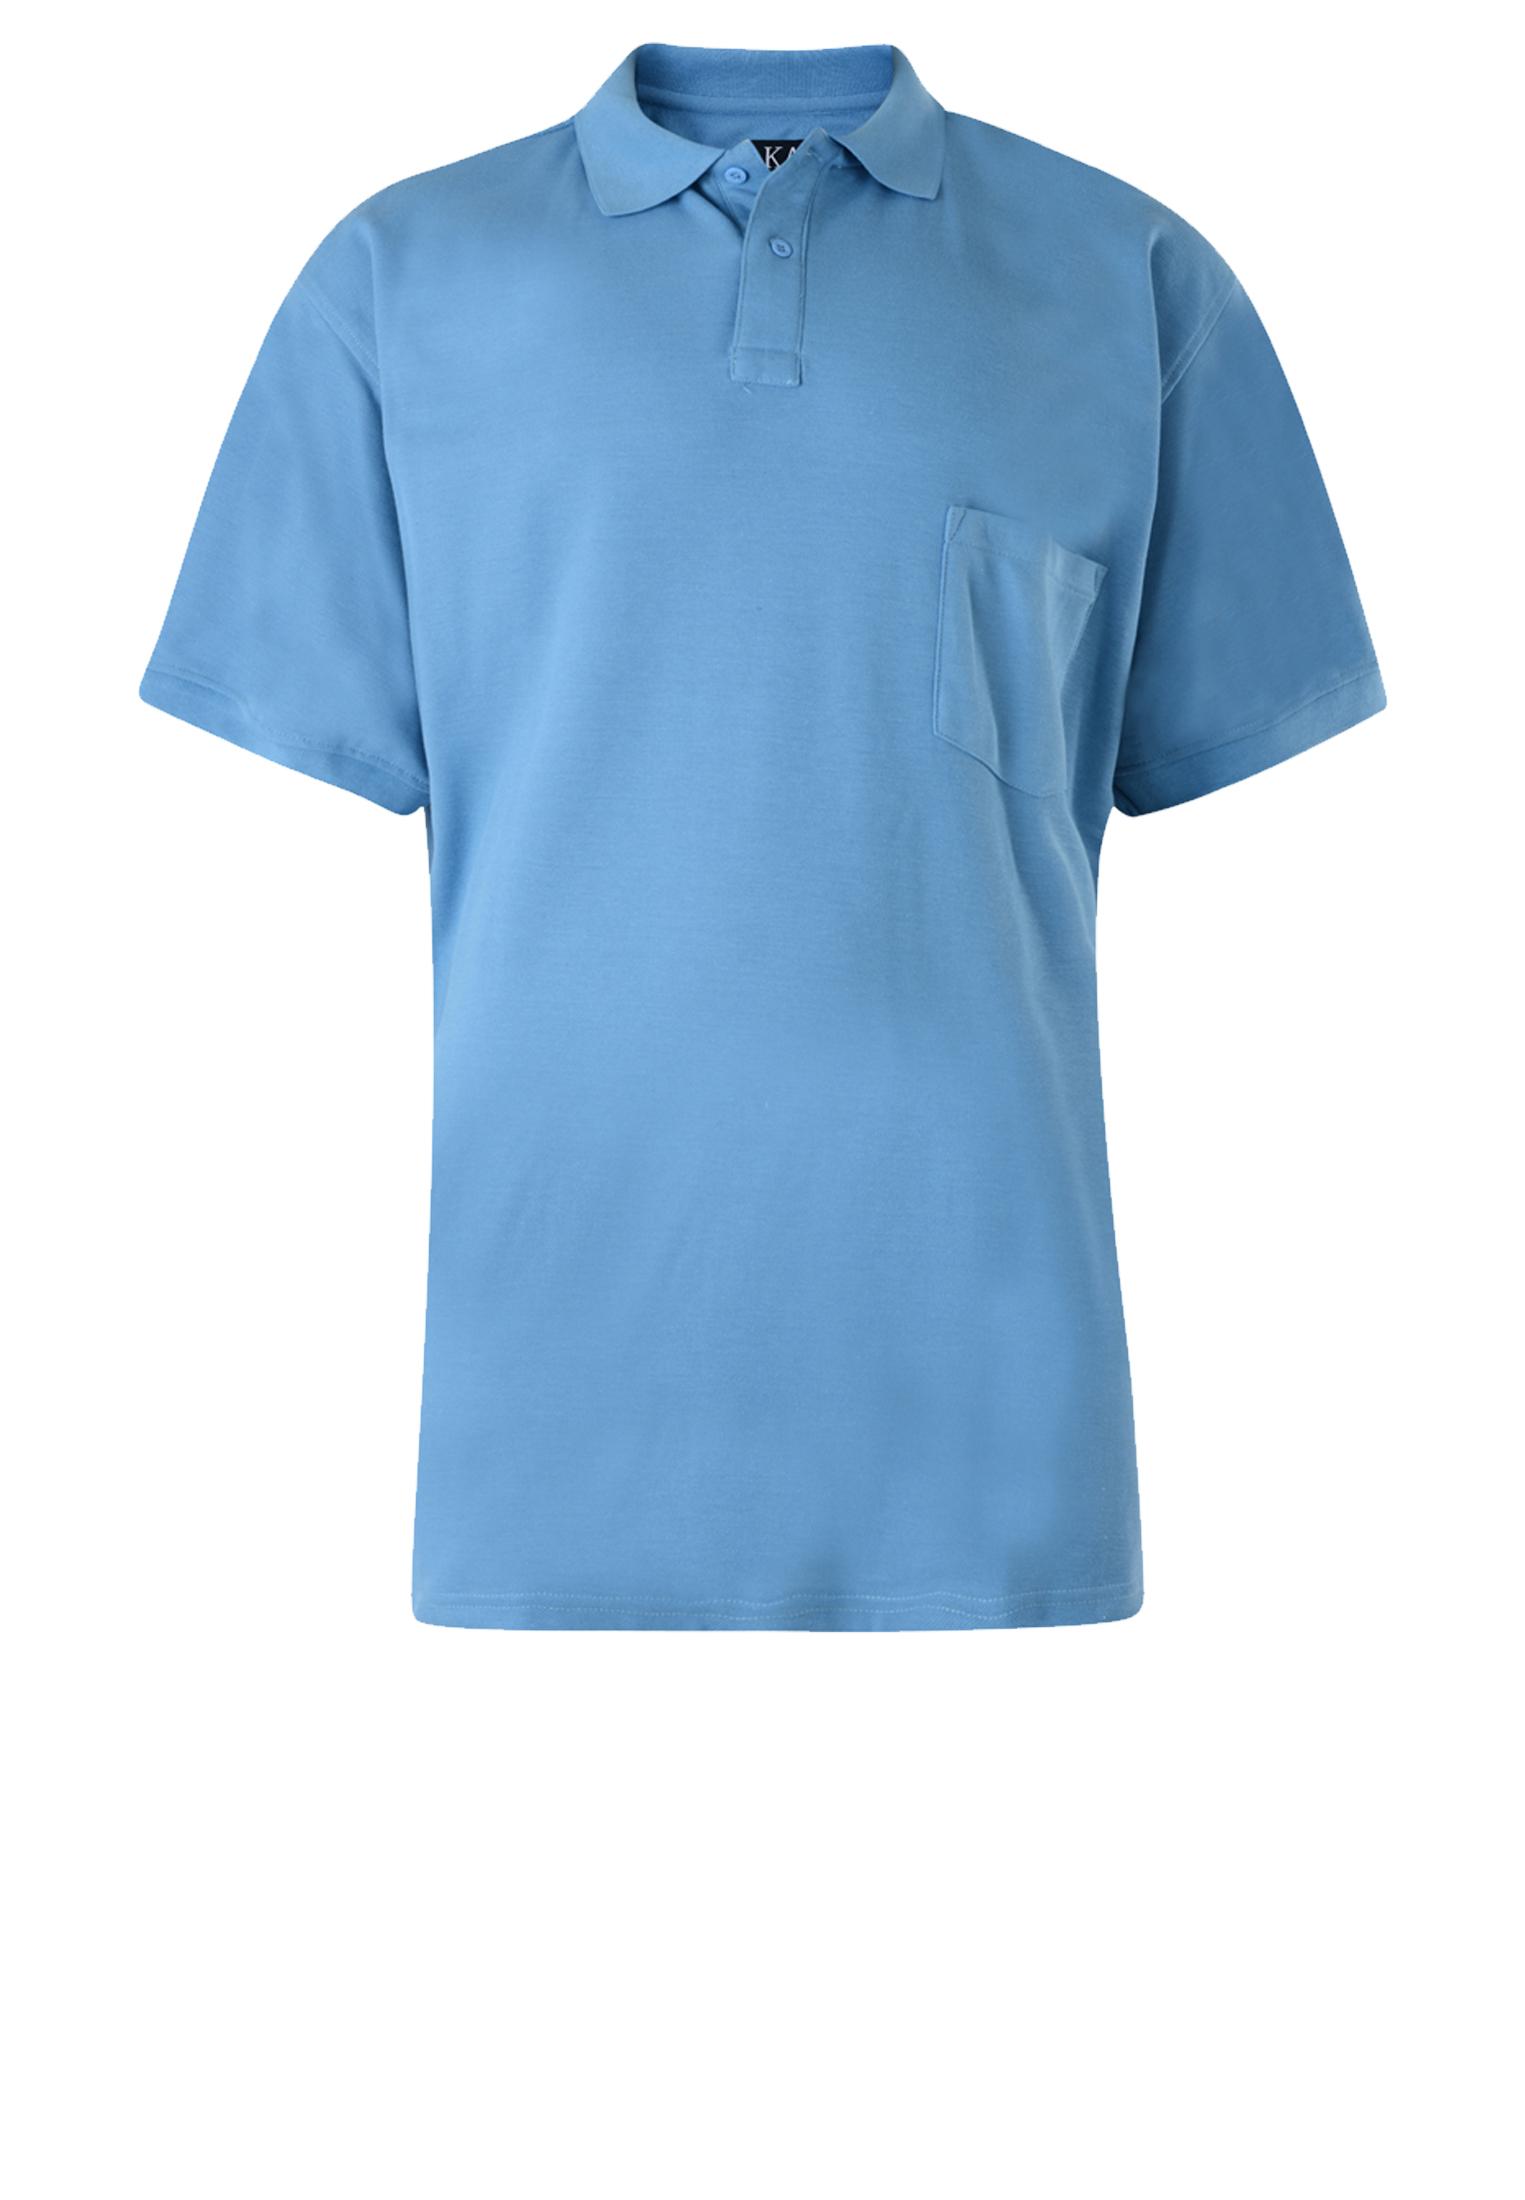 Effen polo van het merk KAM JEANSWEAR met een borstzakje op de linkerborst en een 3-knoopslijst. In de kleur turquoise